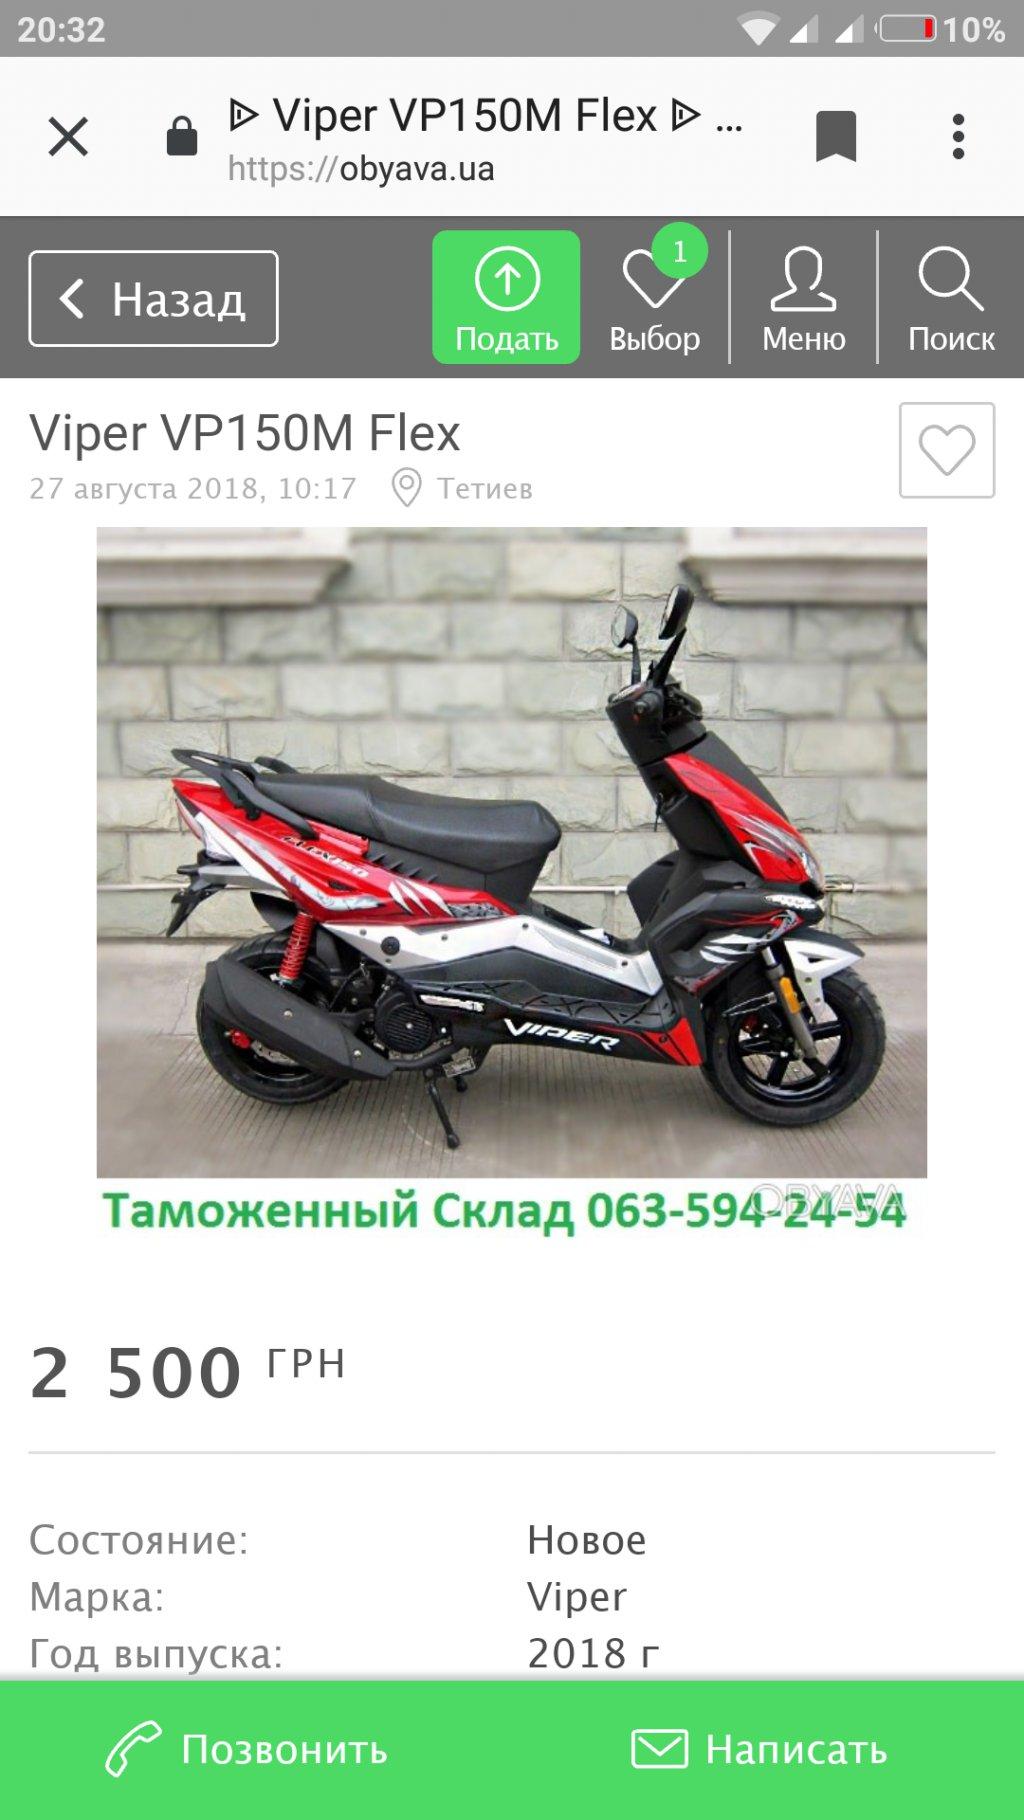 OBYAVA.ua - Сайт говно.Не купляйте де пише конфісклад замовив мотороллер нічого.